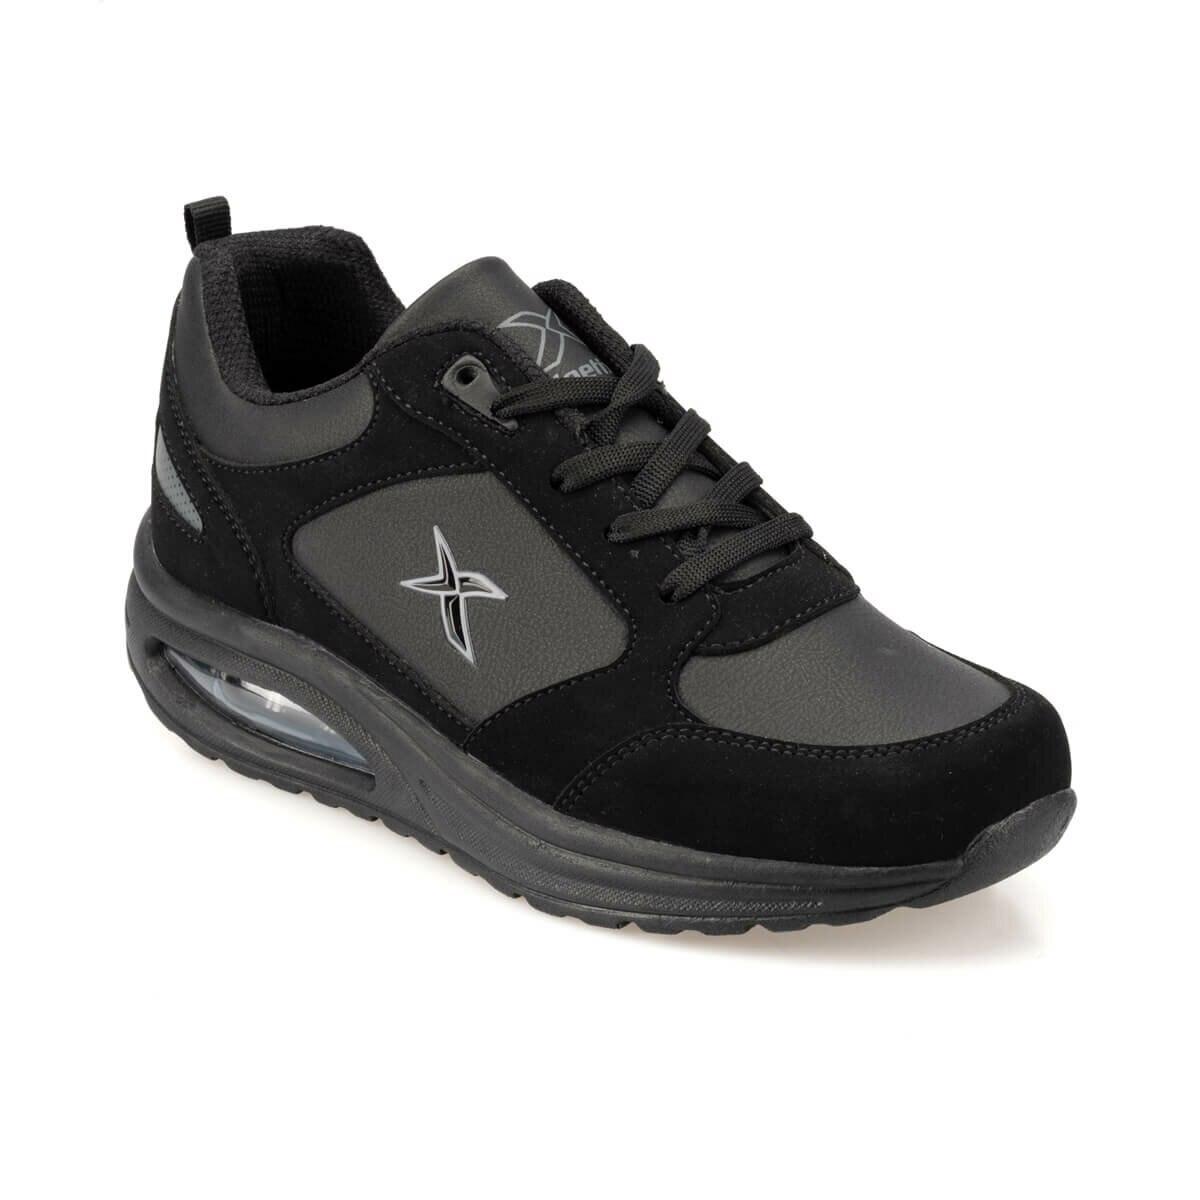 FLO LUDA PU W 9PR Black Women 'S Sneaker Shoes KINETIX